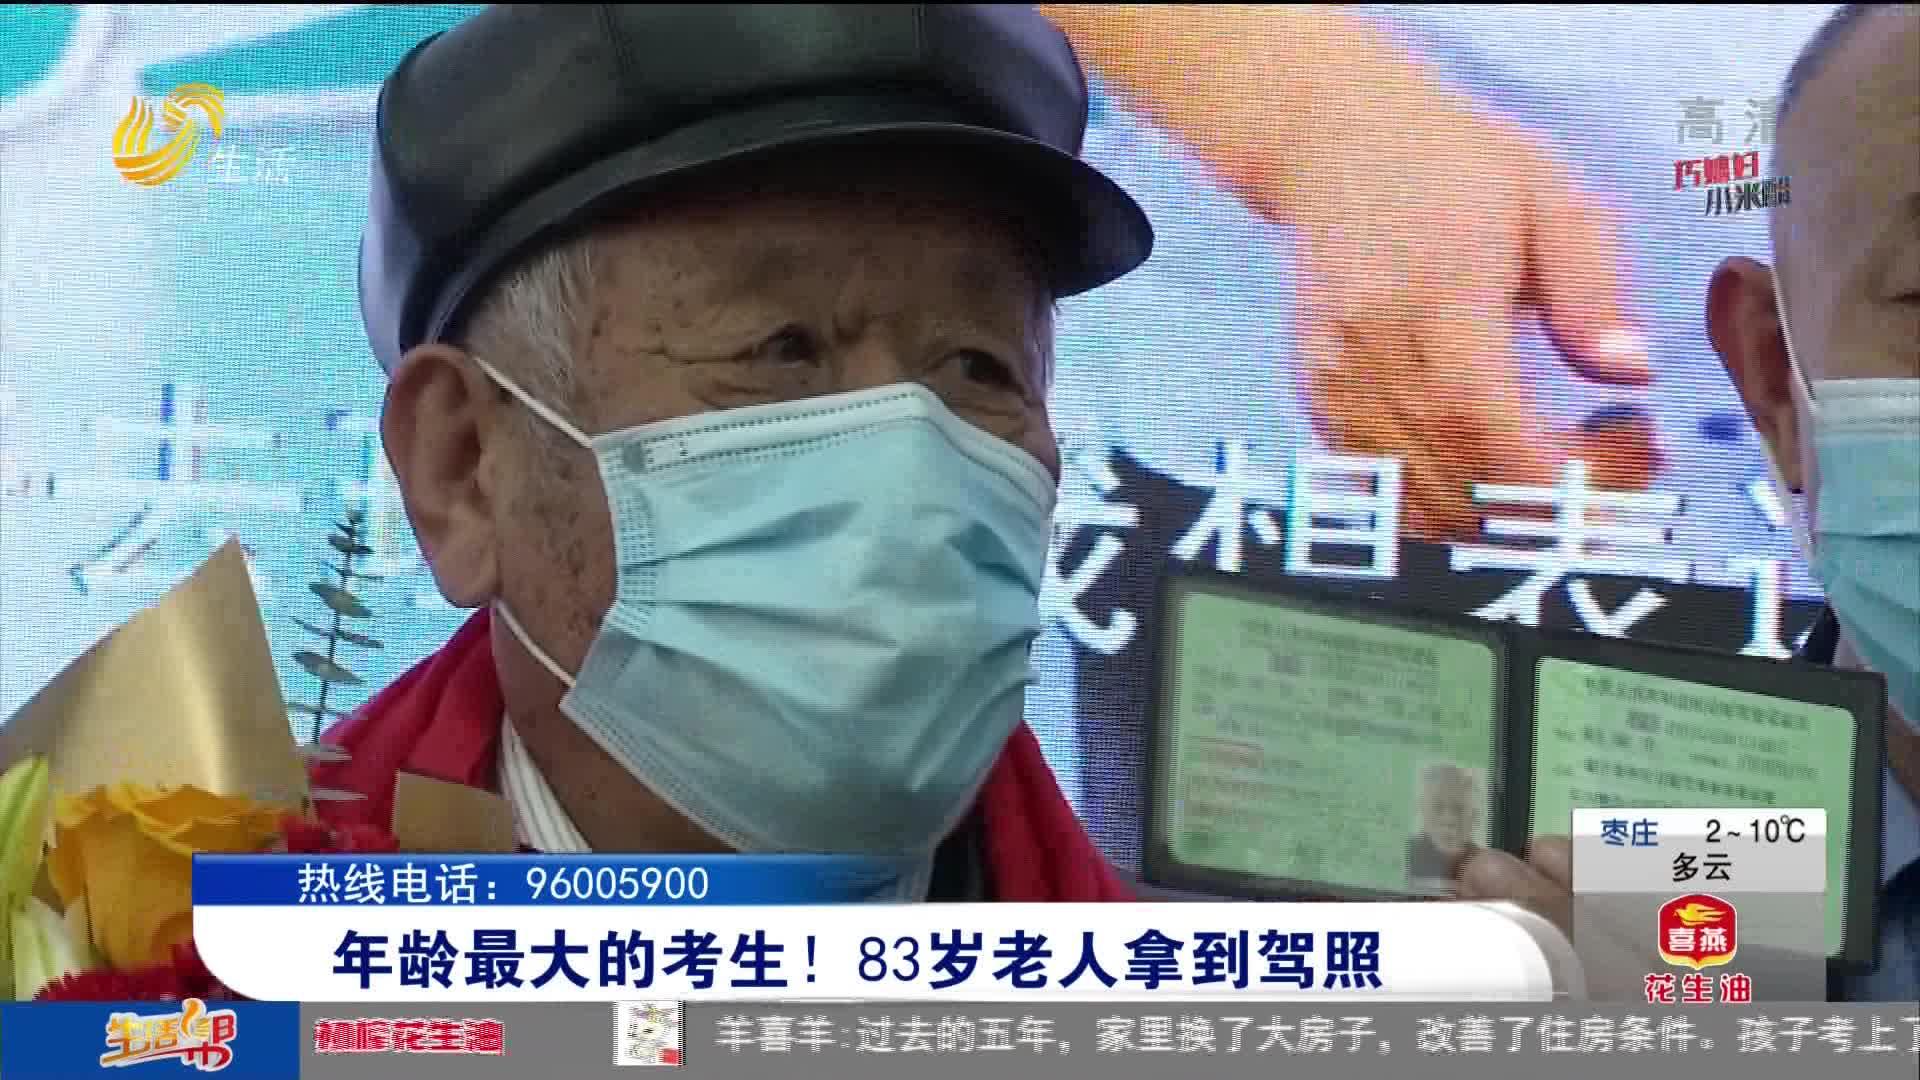 年龄最大的考生!83岁老人拿到驾照